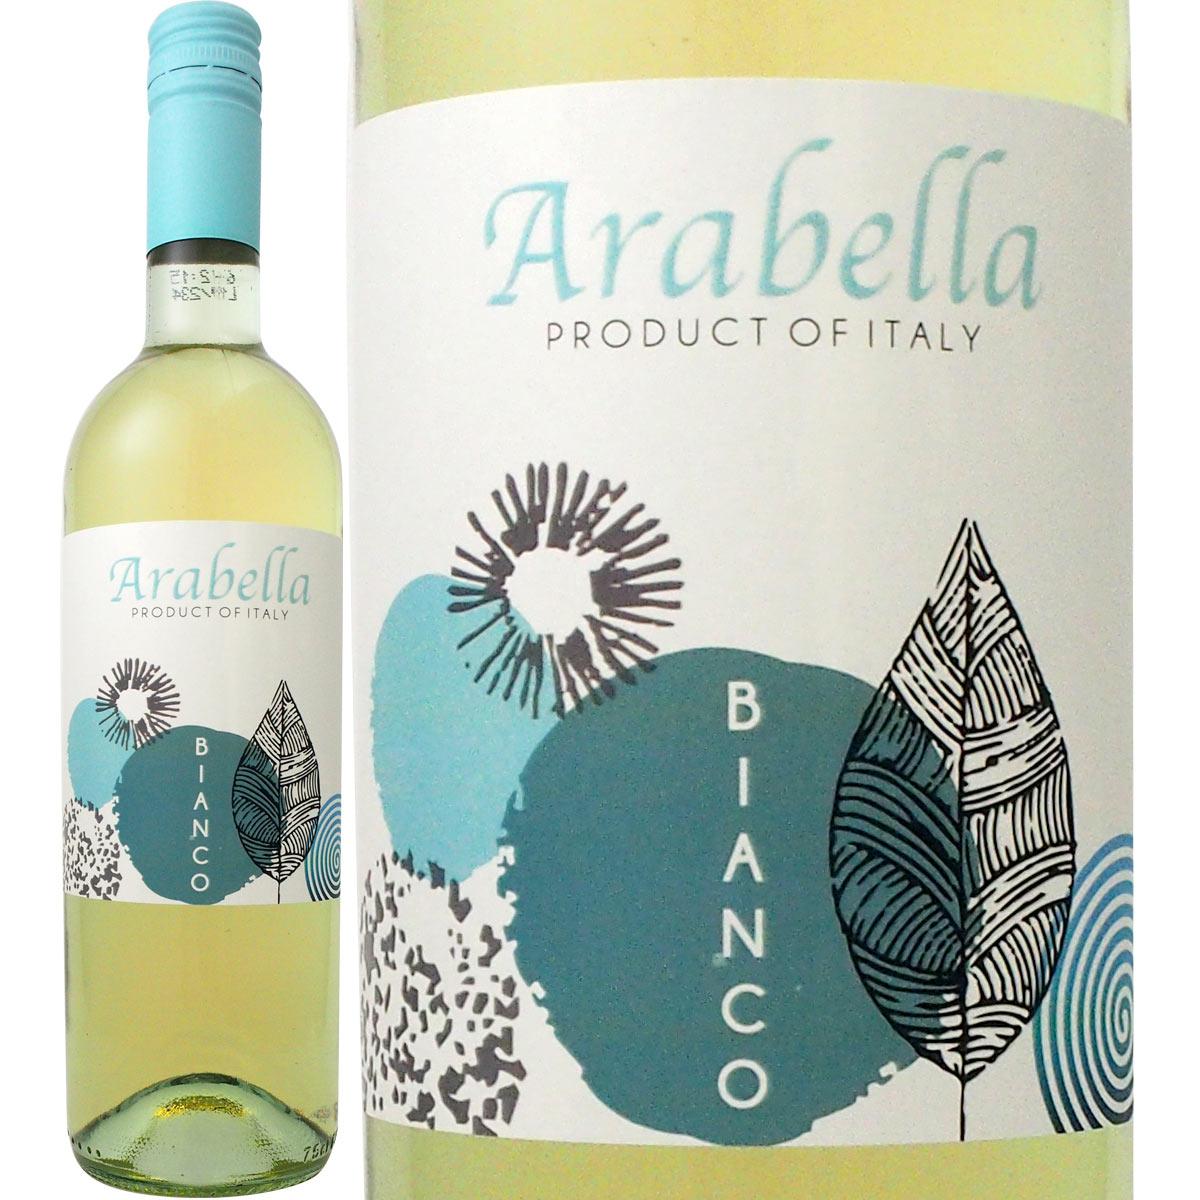 ワイン 白ワイン ボッター・アラベッラ・ビアンコ<br><br>【イタリア】【白ワイン】【750ml】【ミディアムボディ】【辛口】